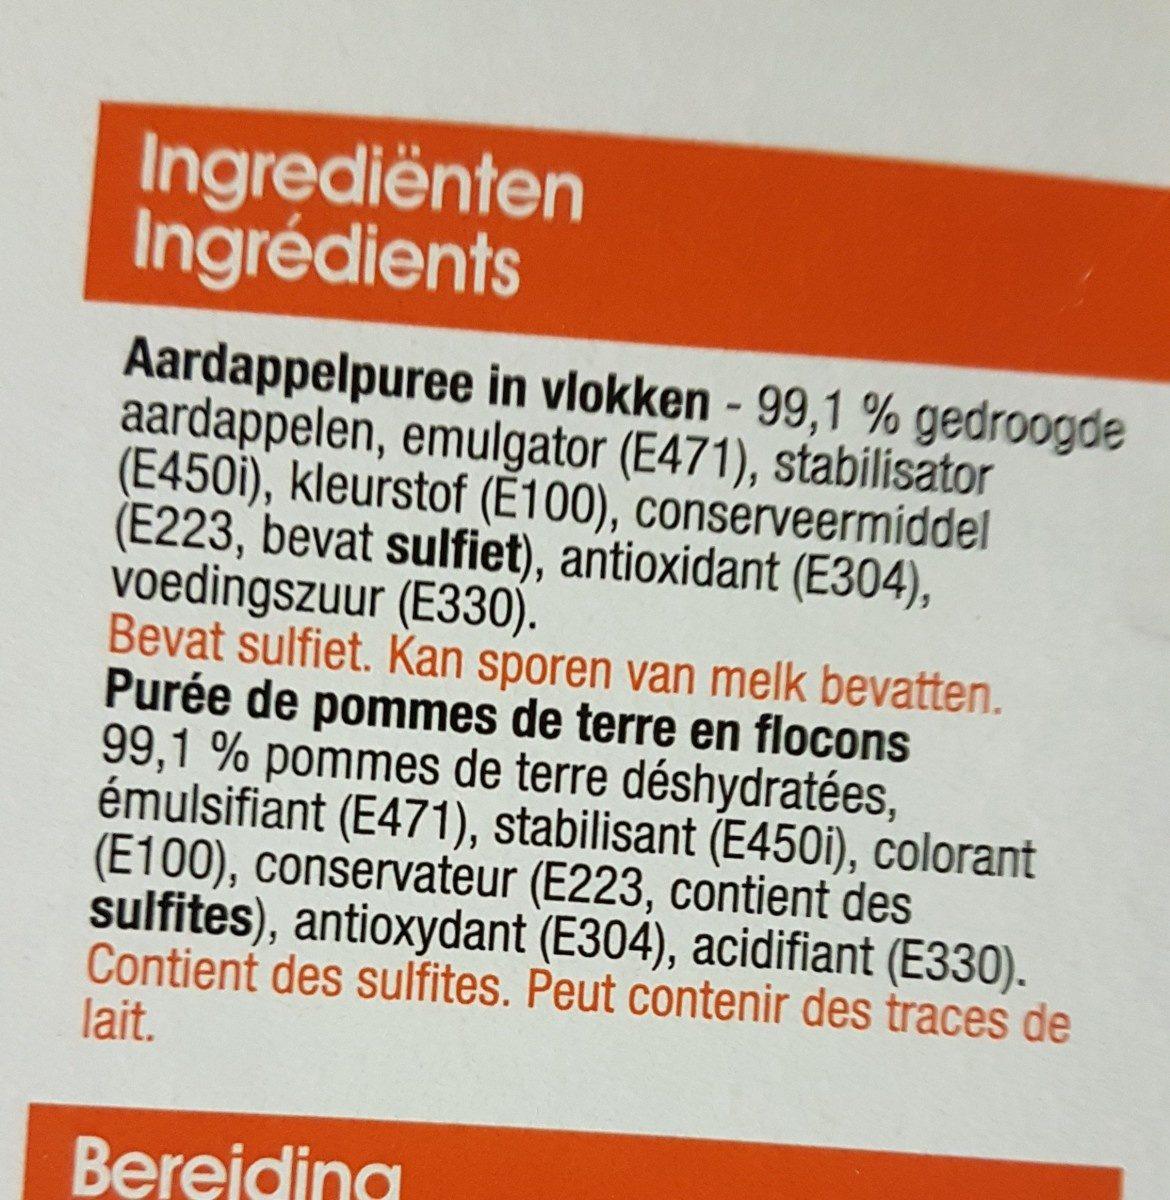 Purée de pommes de terre - Ingredients - fr